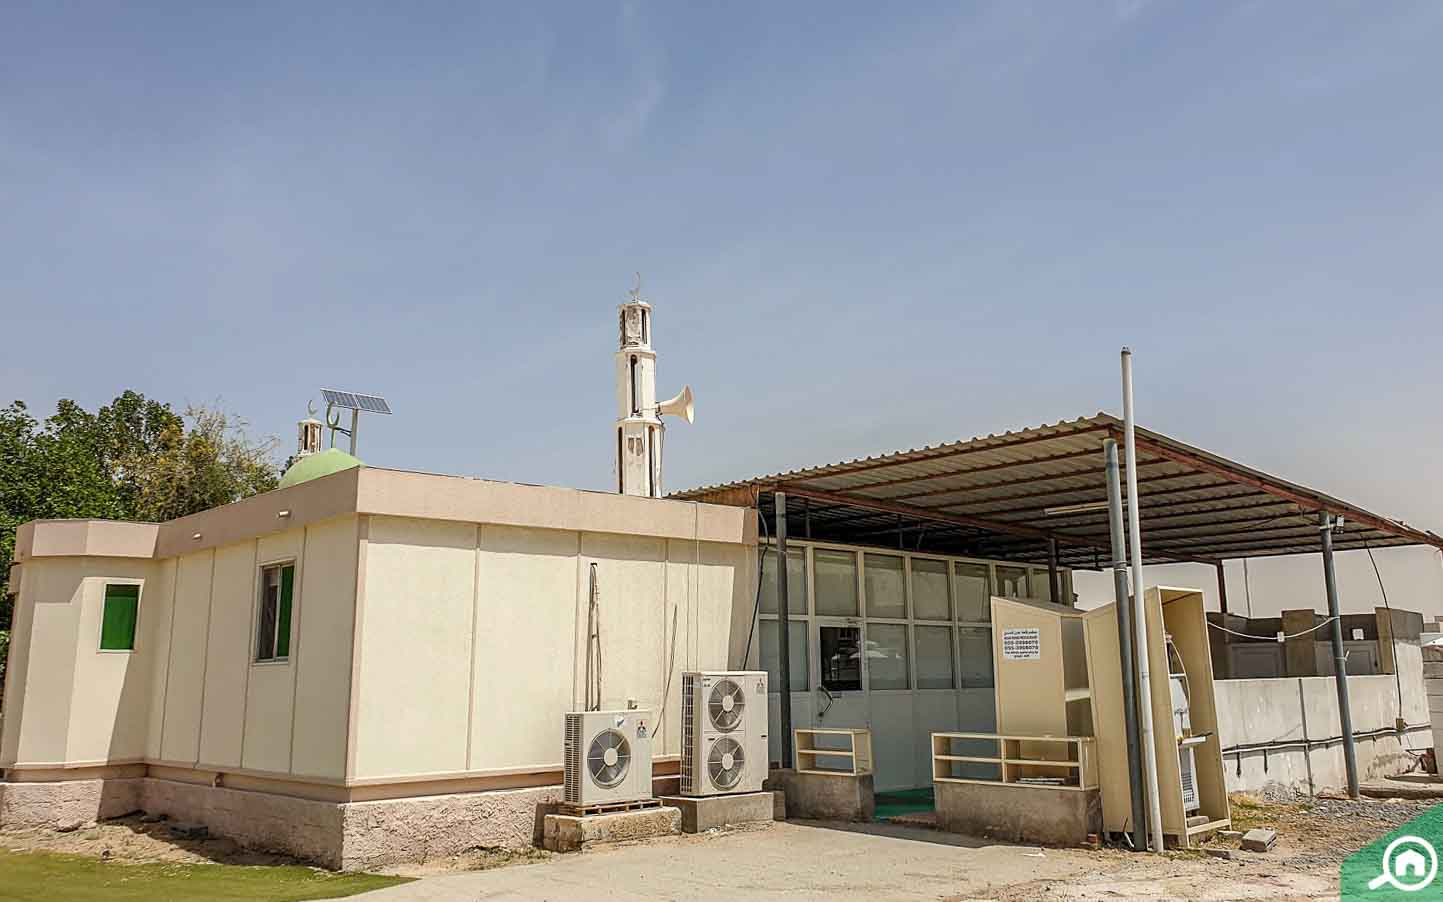 مسجد البراشي هو أحد مساجد المنطقة